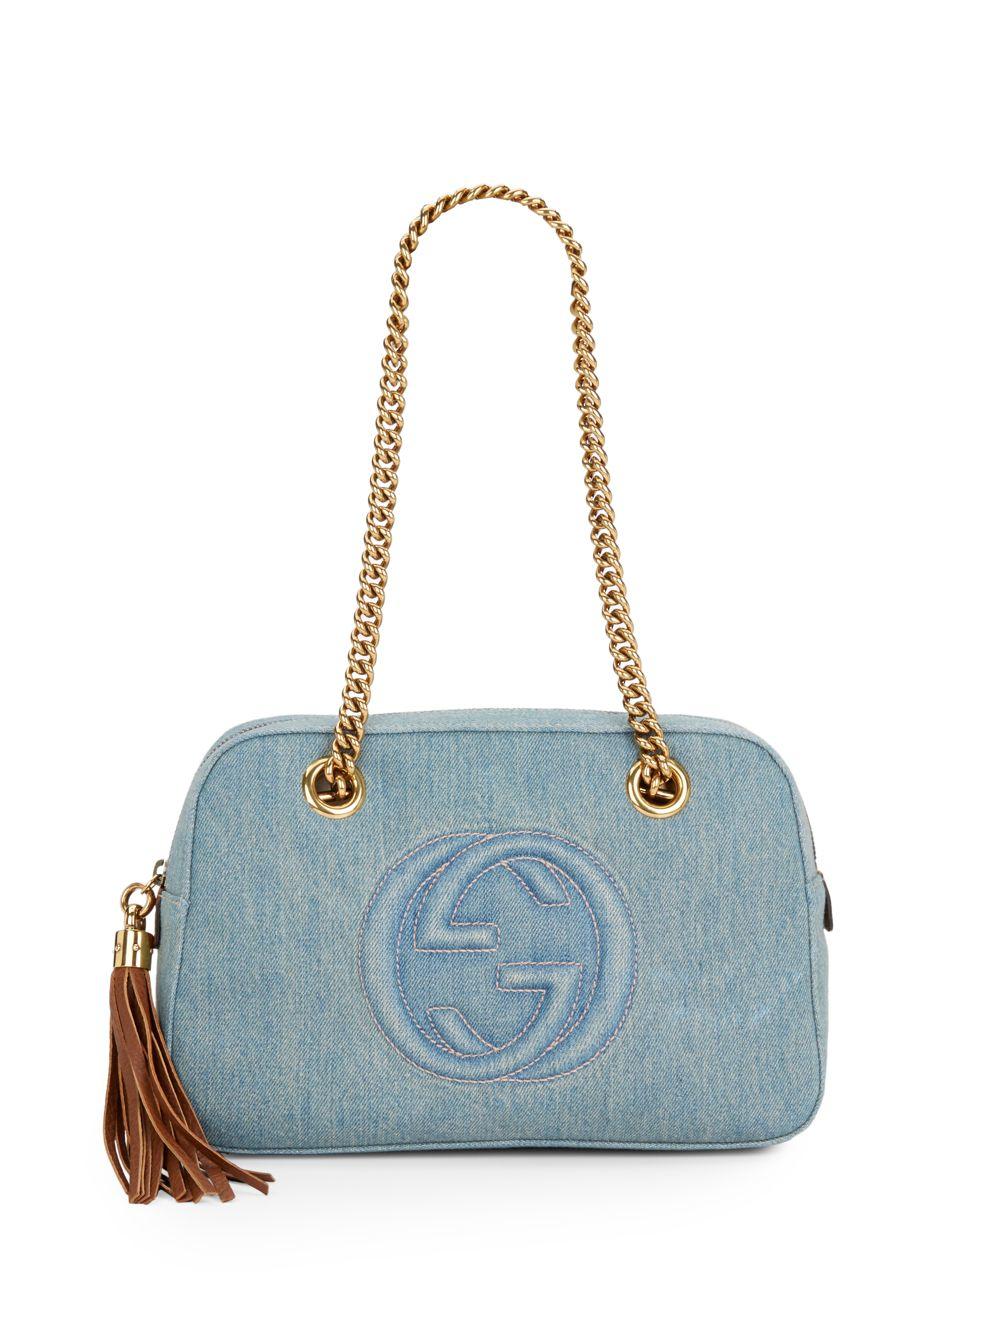 0e41fffc807ab8 Gucci Soho Denim Shoulder Bag in Blue - Lyst